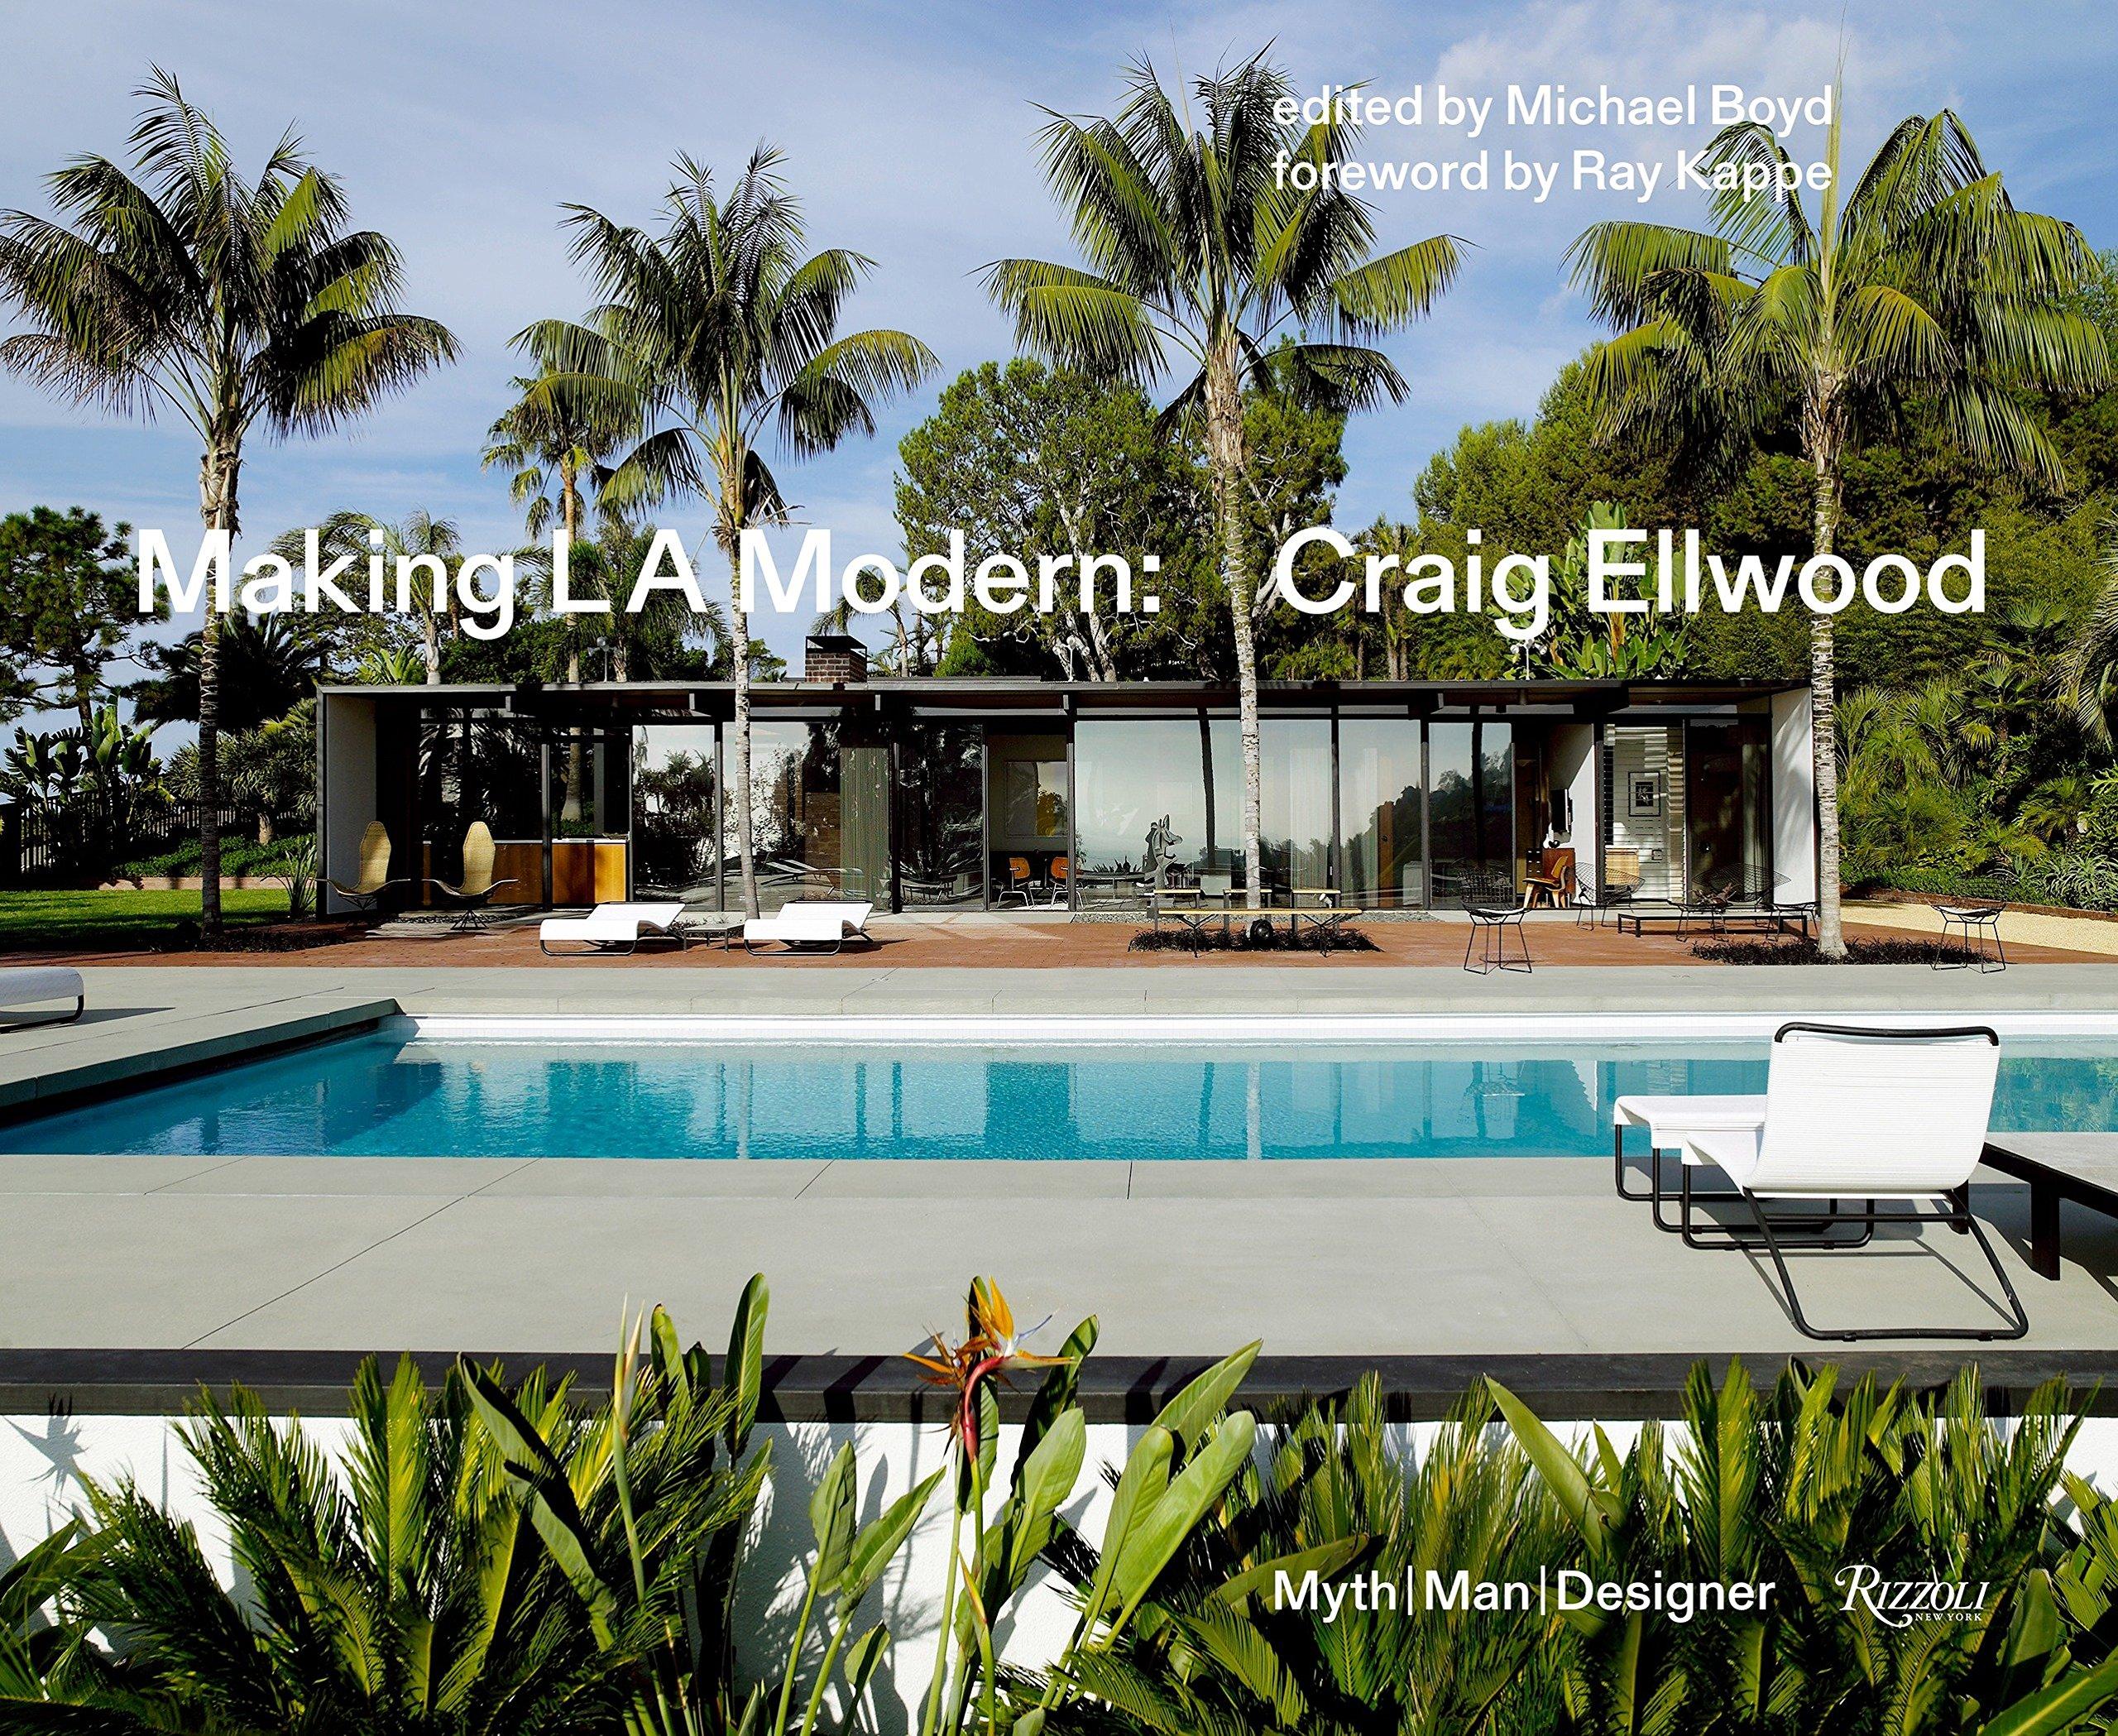 Making L.A. Modern: Craig Ellwood - Myth, Man, Designer